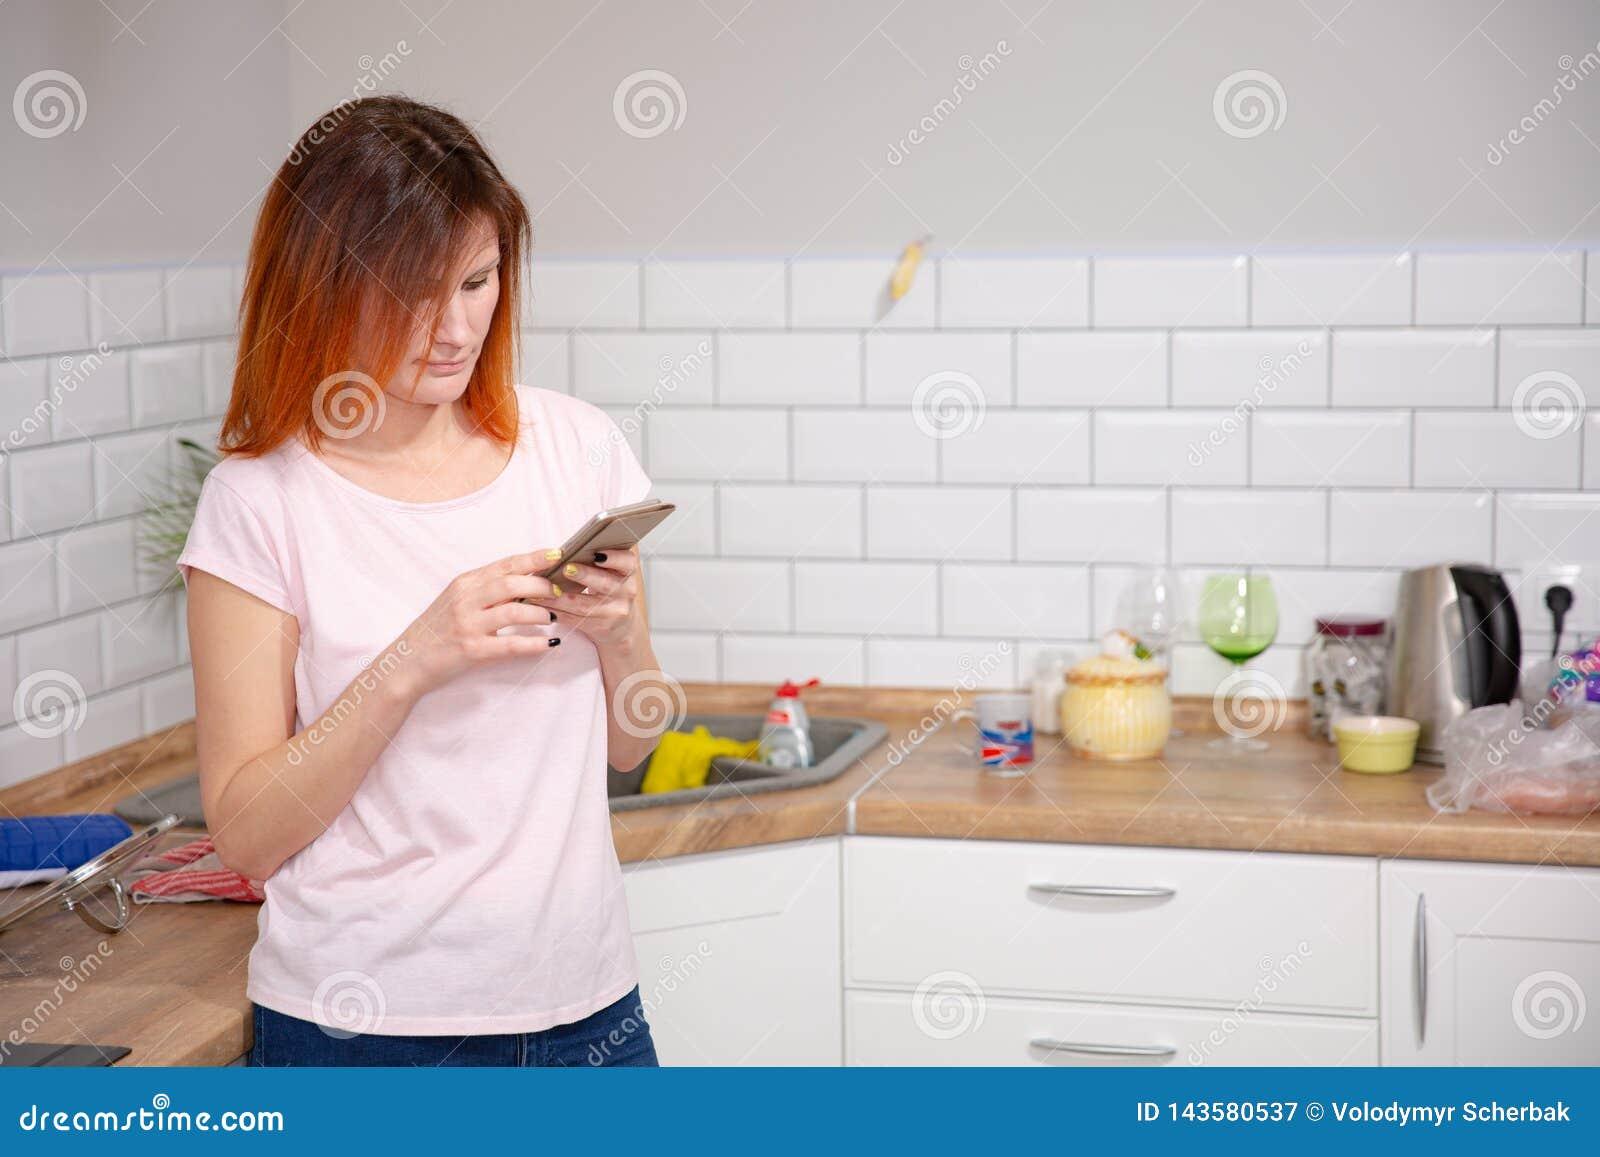 Νέα γυναίκα που χρησιμοποιεί το smartphone που κλίνει στην κουζίνα σε ένα σύγχρονο σπίτι τηλεφωνικό μήνυμα ανάγνωσης γυναικών red